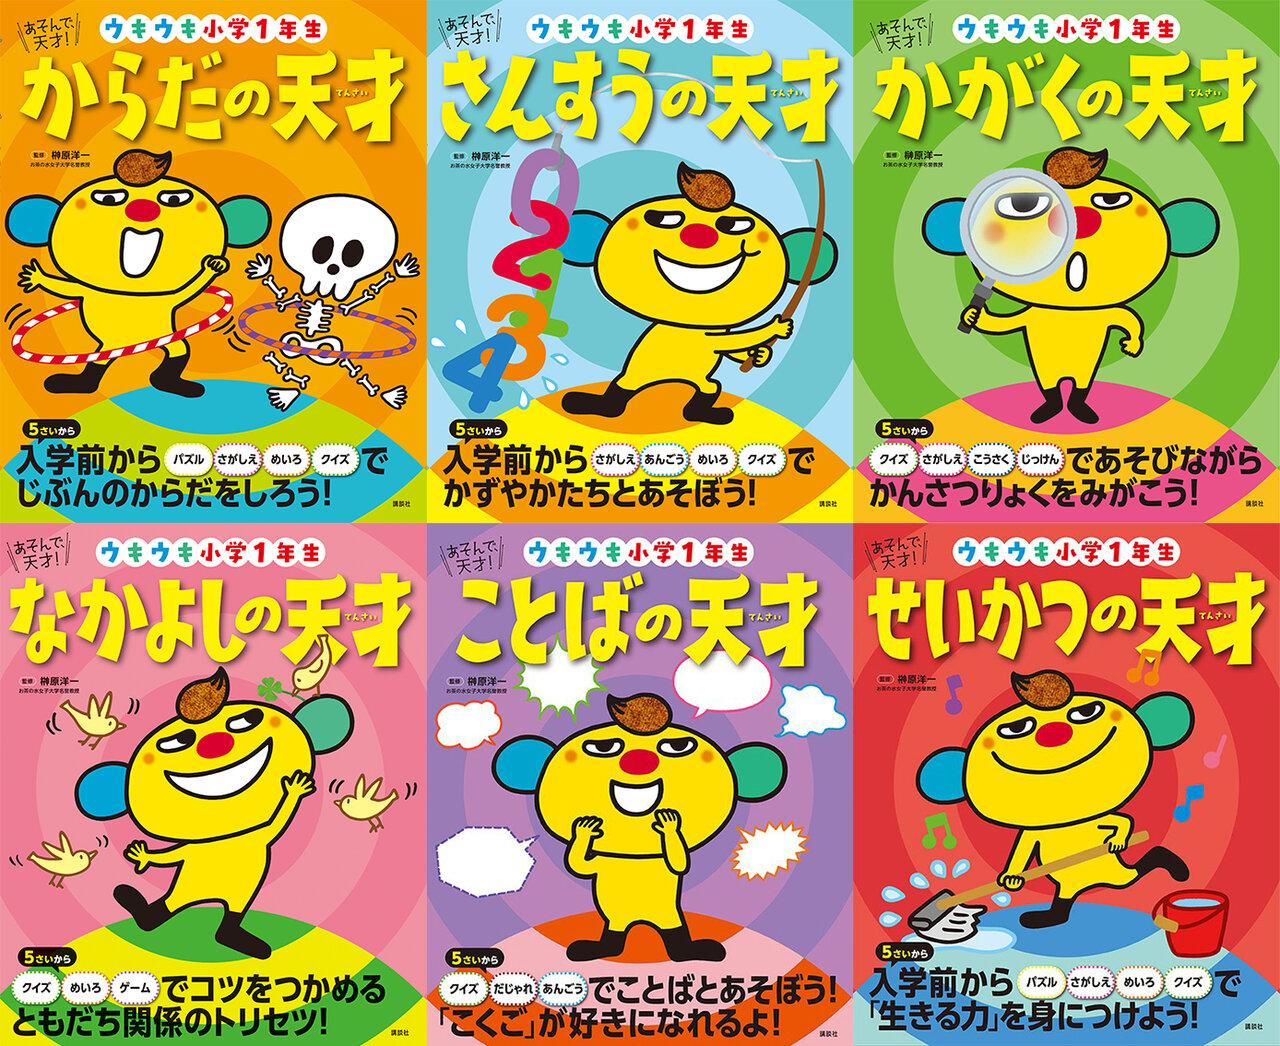 榊原洋一先生監修 好評発売中の「あそんで、天才!」シリーズ全6冊